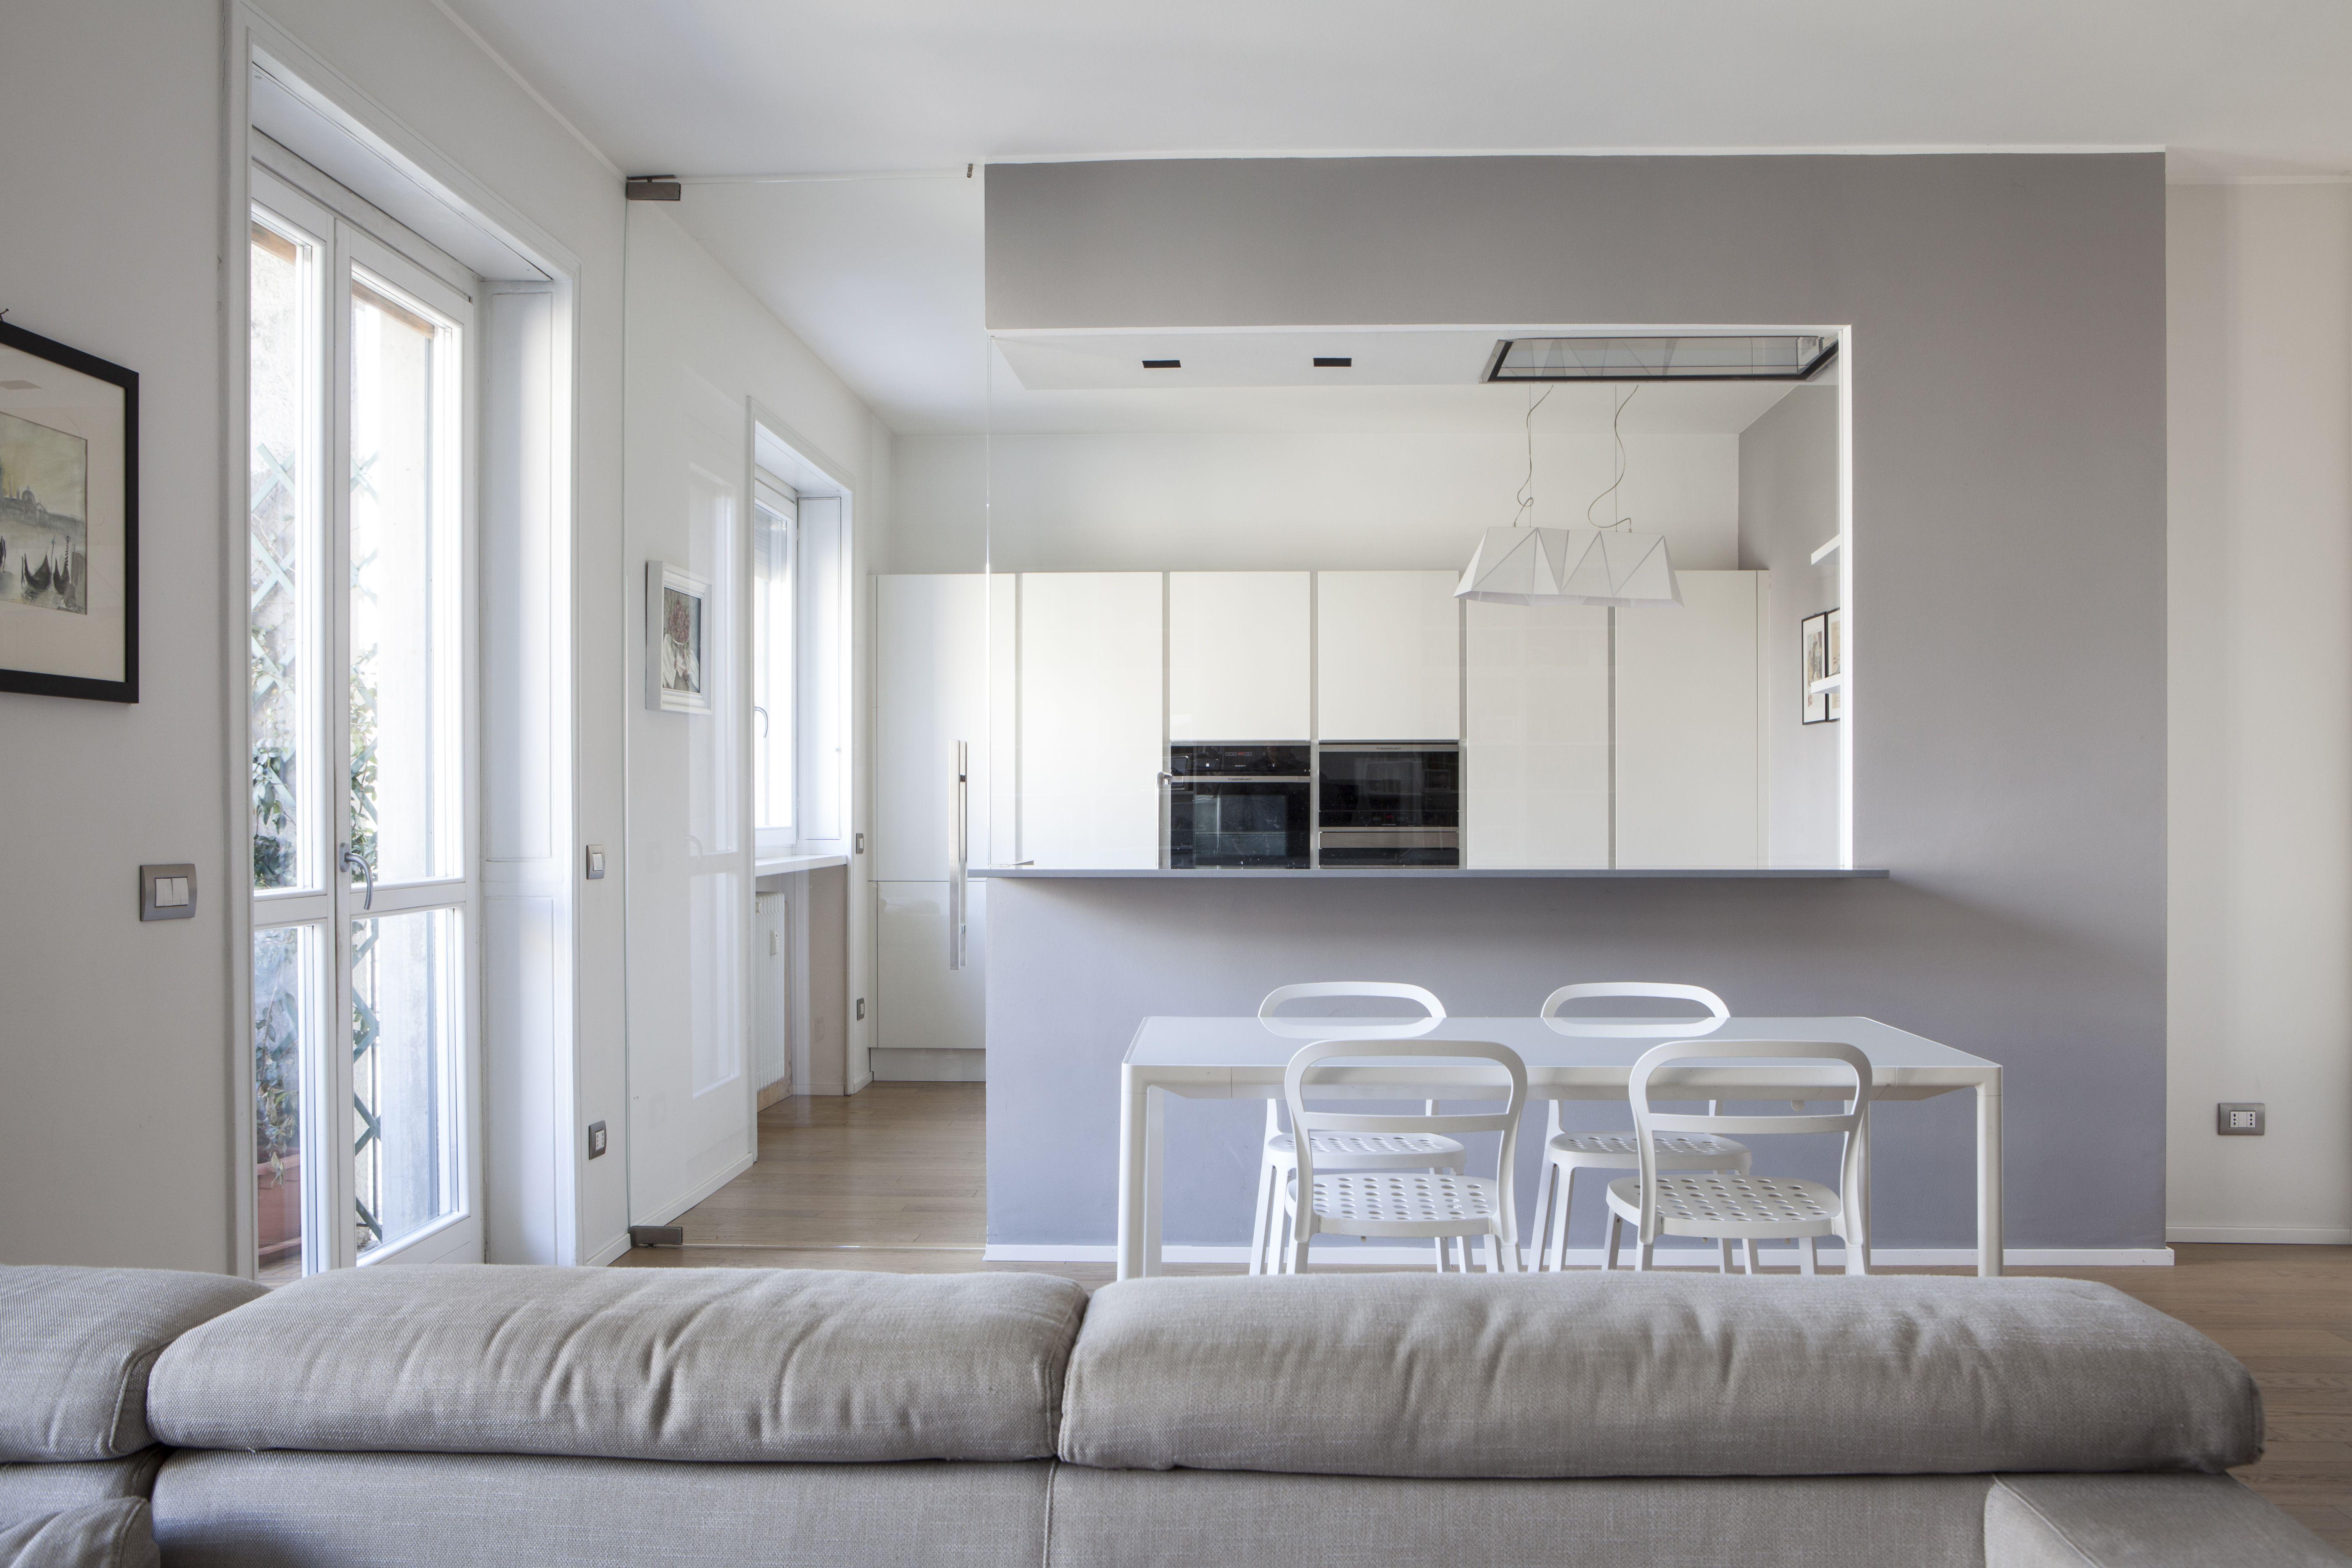 Come Dividere Sala E Cucina ampia vetrata per separare e collegare la cucina dal